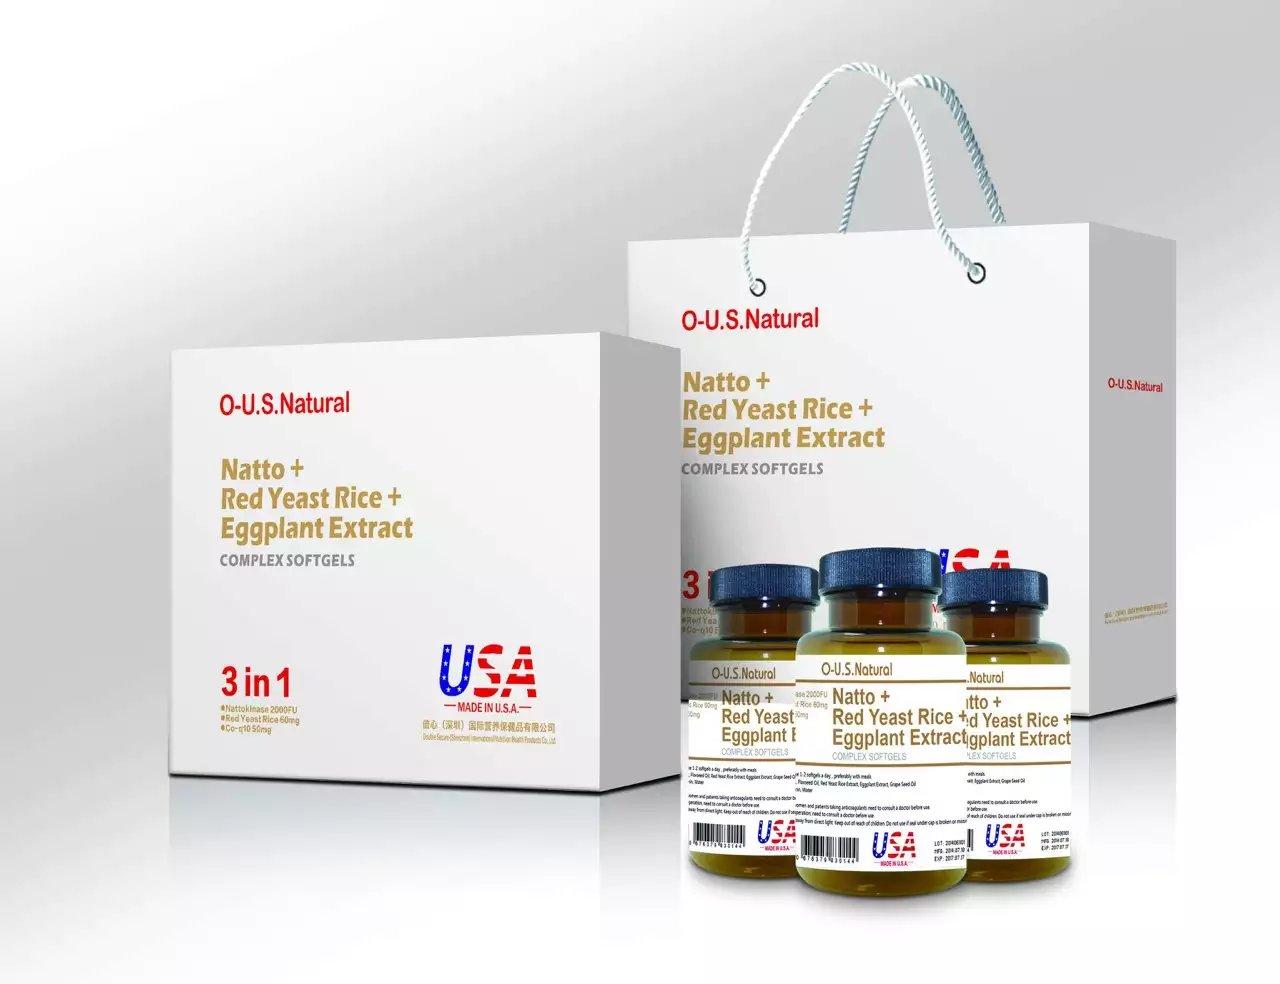 美国原装进口纳豆红曲辅酶礼盒复合配方五合一招商